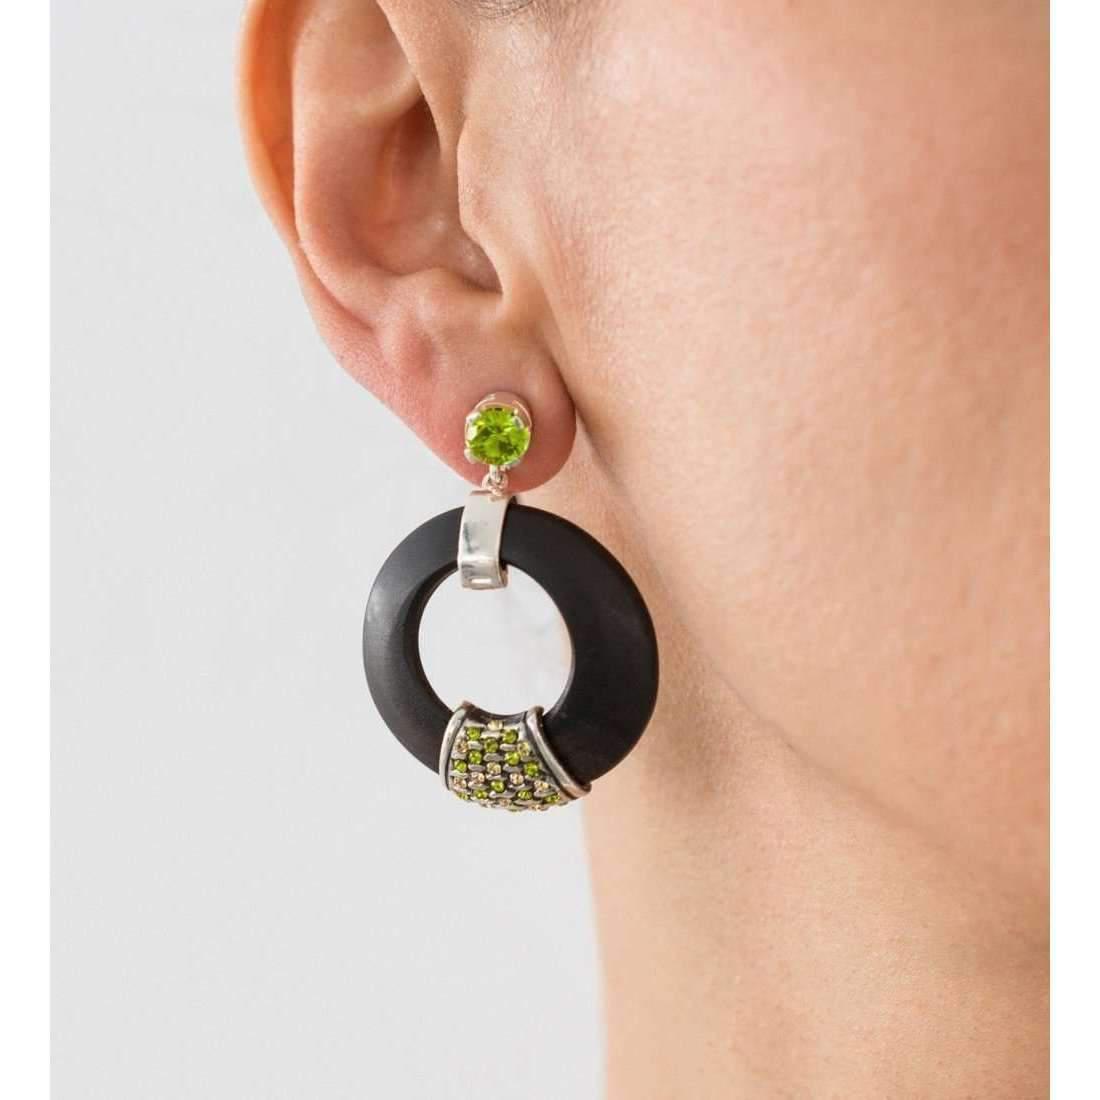 Hissia Green Luz Earrings sBXtLZI